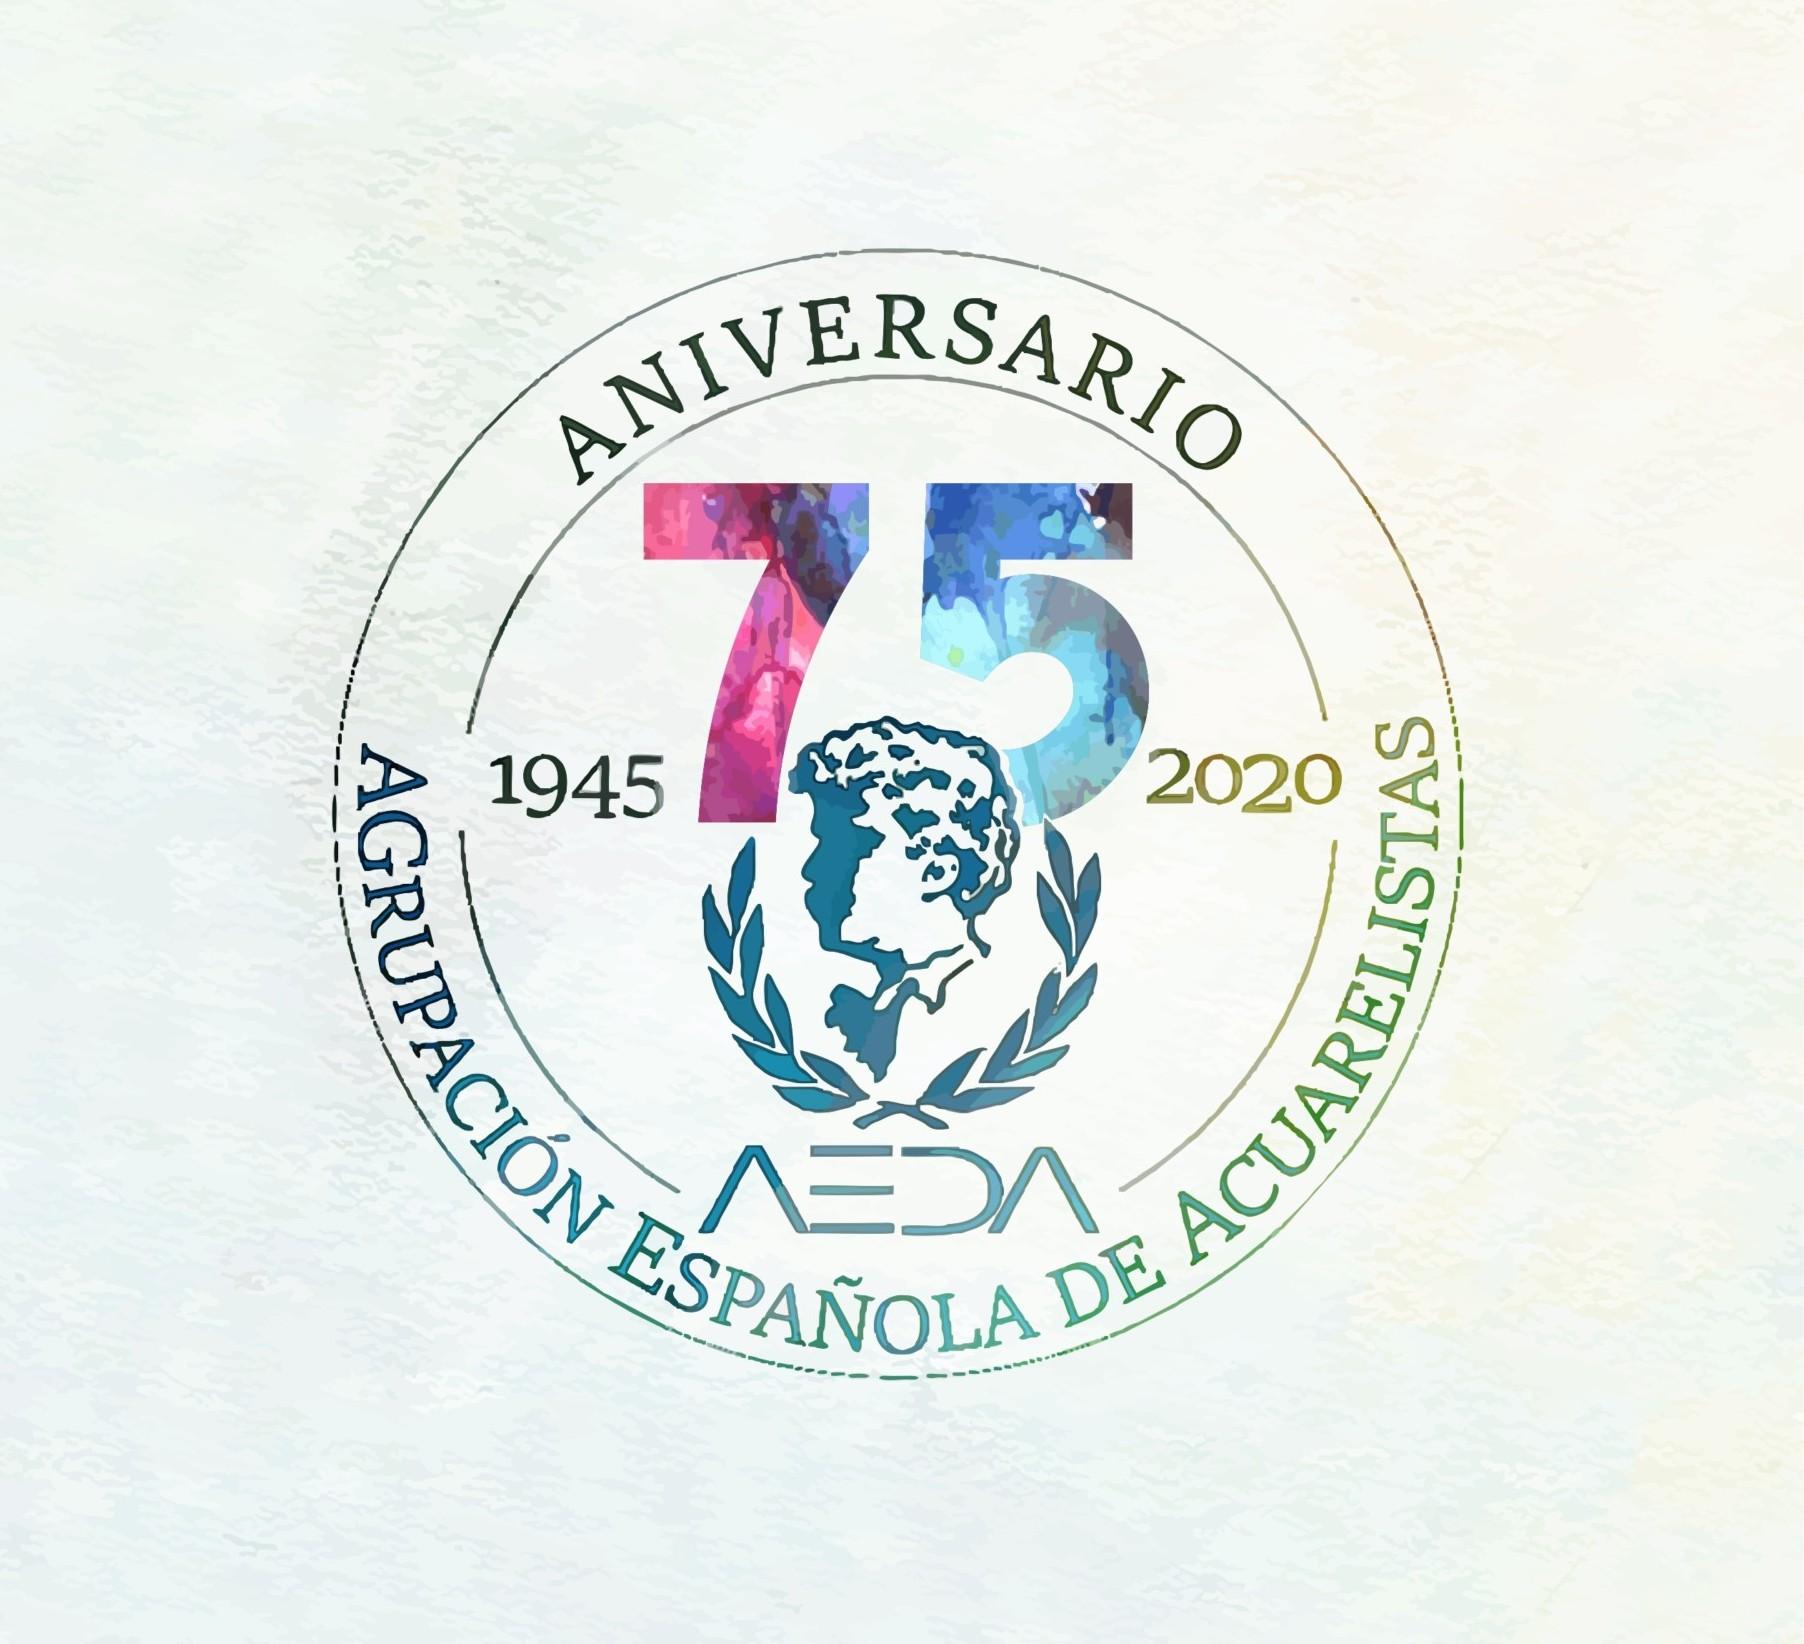 PINTORAS DE LA AGRUPACIÓN ESPAÑOLA DE ACUARELISTAS EN SU 75 ANIVERSARIO